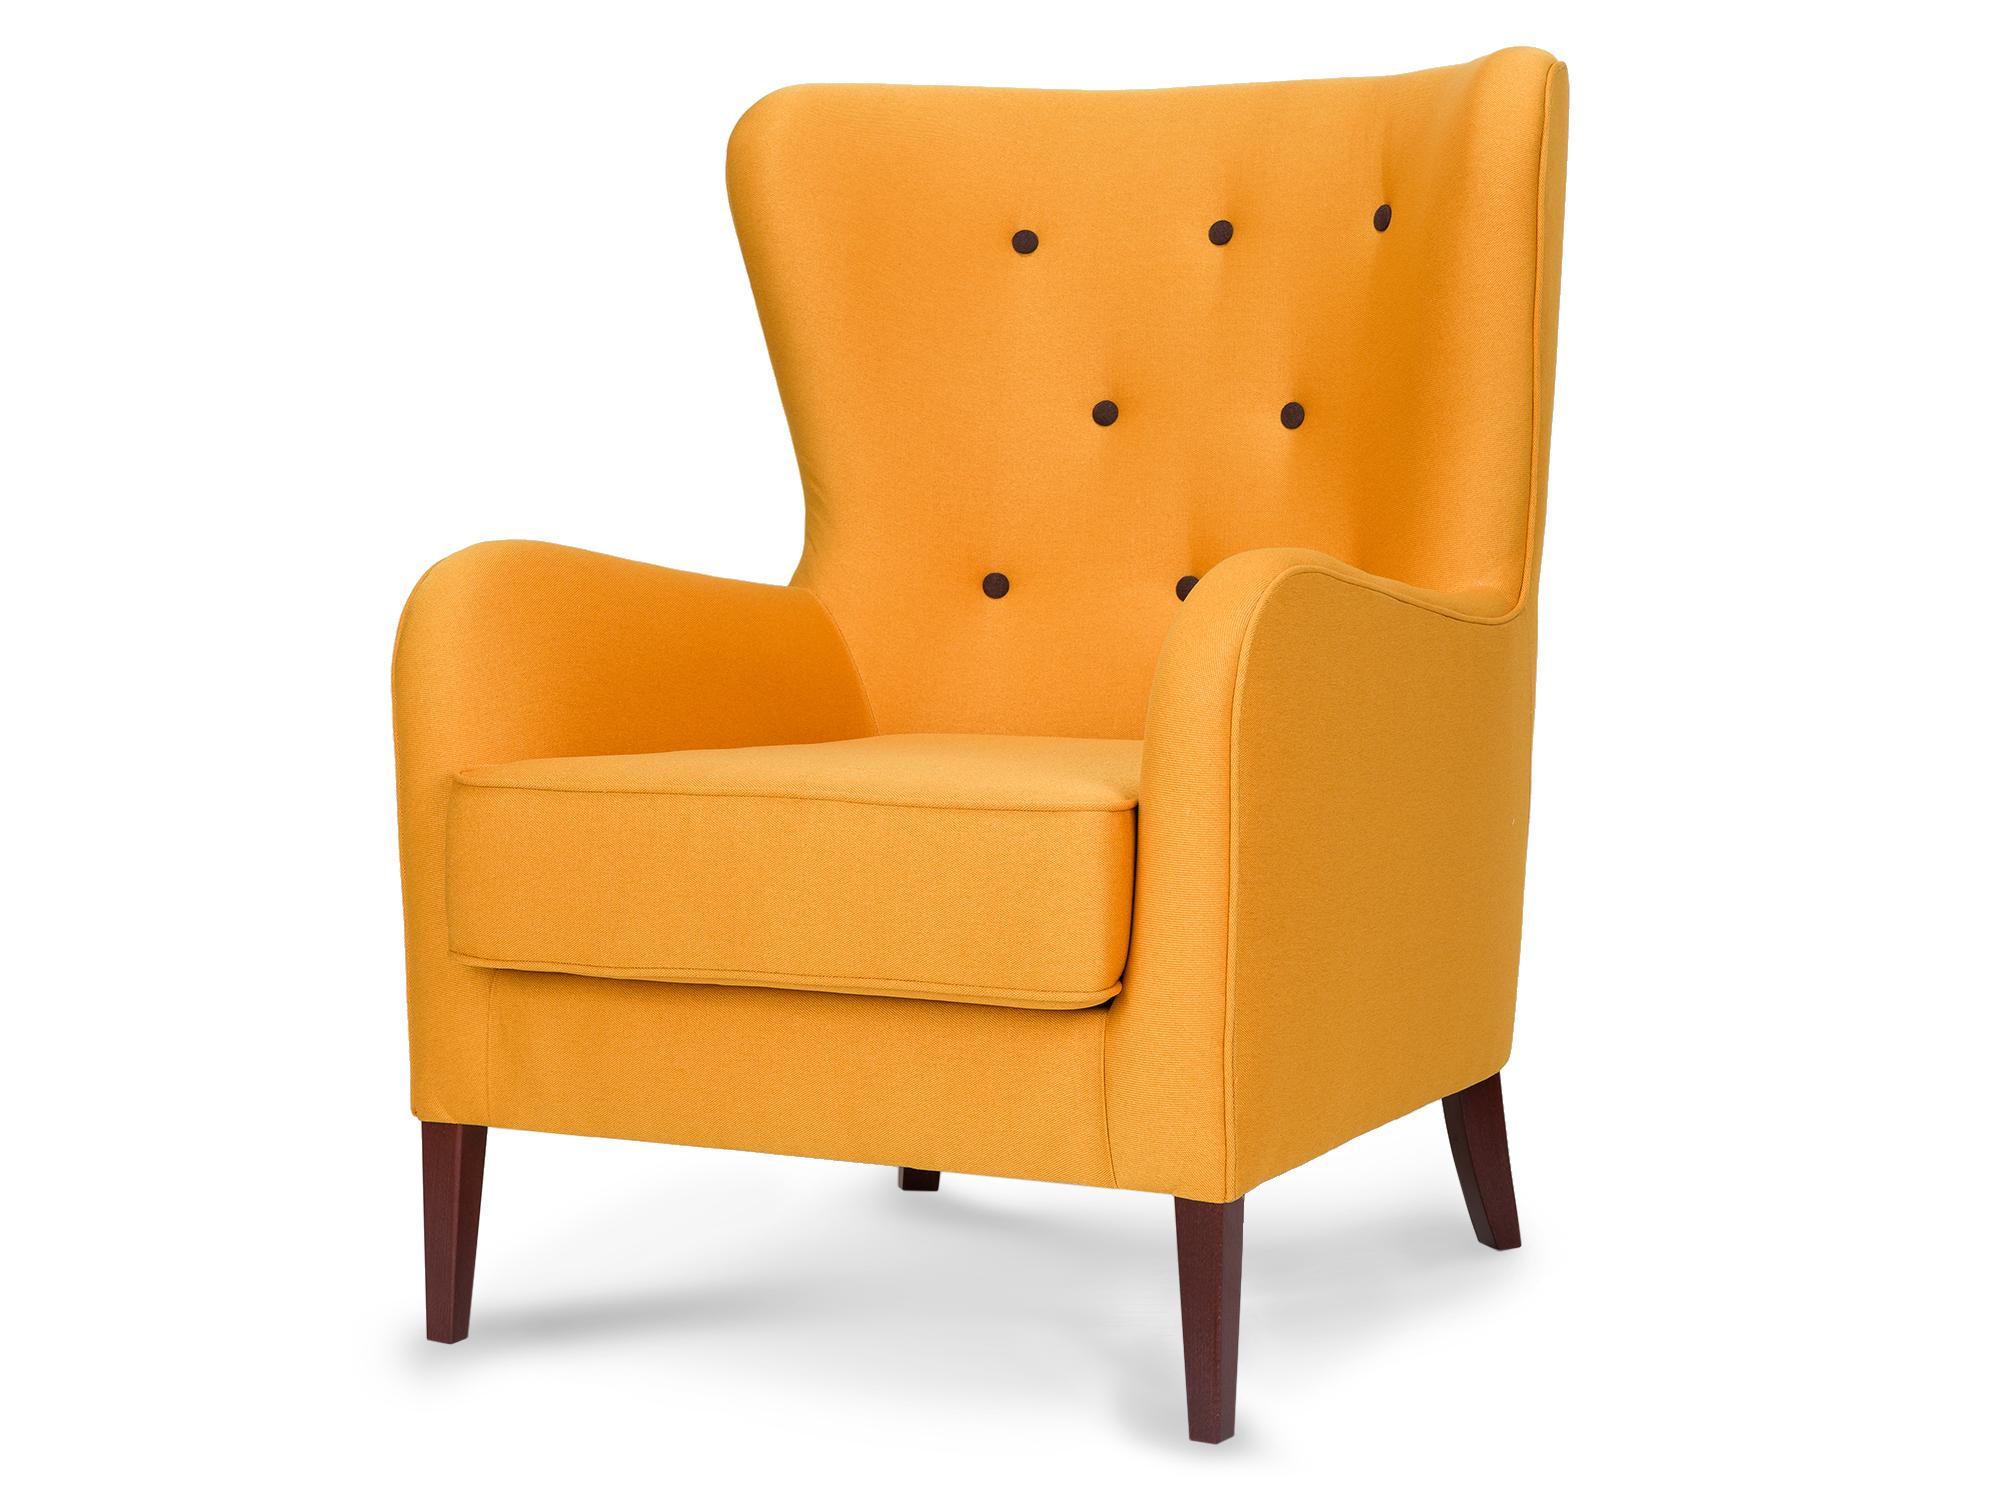 Кресло MoriartyКресла с высокой спинкой<br>&amp;lt;div&amp;gt;Идеальное кресло для вынашивания планов покорения завтрашнего дня. Покори мир с комфортом!&amp;lt;/div&amp;gt;&amp;lt;div&amp;gt;&amp;lt;br&amp;gt;&amp;lt;/div&amp;gt;&amp;lt;div&amp;gt;Корпус: фанера, брус.&amp;amp;nbsp;&amp;lt;/div&amp;gt;&amp;lt;div&amp;gt;Ткань: 100% полиэстер - 40 000 циклов.&amp;amp;nbsp;&amp;lt;/div&amp;gt;&amp;lt;div&amp;gt;Ножки: дуб.&amp;amp;nbsp;&amp;lt;/div&amp;gt;&amp;lt;div&amp;gt;Есть возможность изготовления в другом материале обивки.&amp;lt;/div&amp;gt;<br><br>Material: Текстиль<br>Ширина см: 76<br>Высота см: 102<br>Глубина см: 90